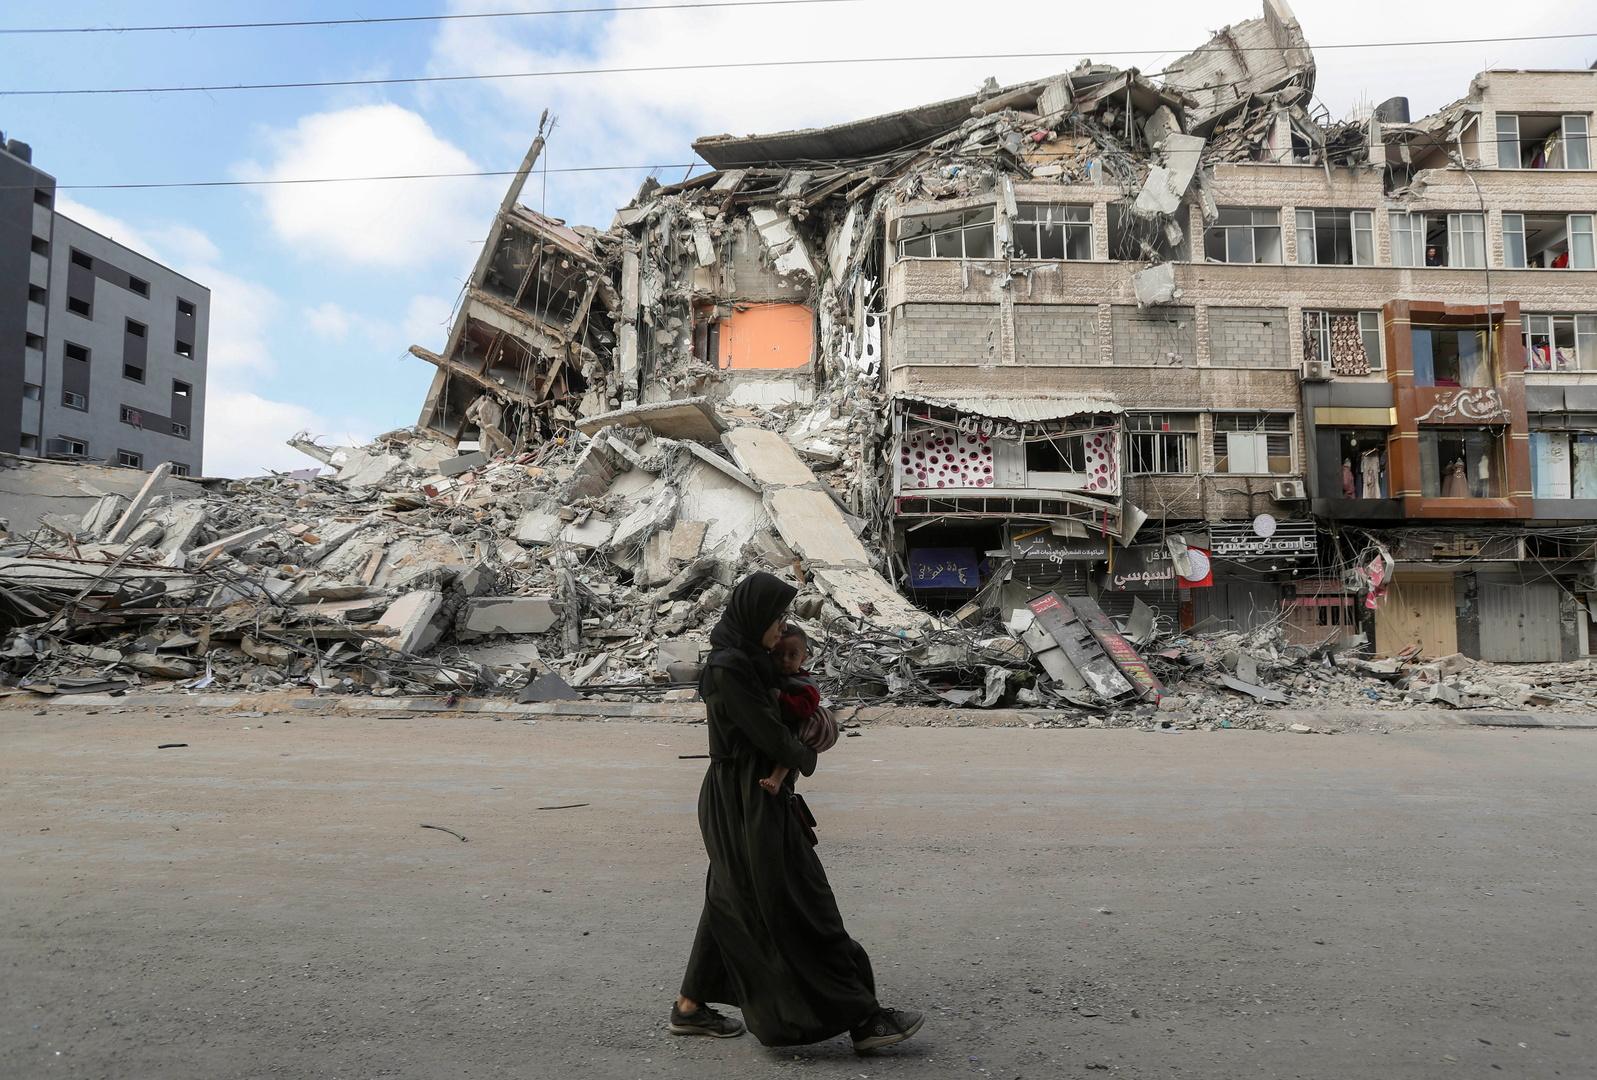 غانتس يبحث مع مبعوث أمريكي أفق التهدئة حول غزة